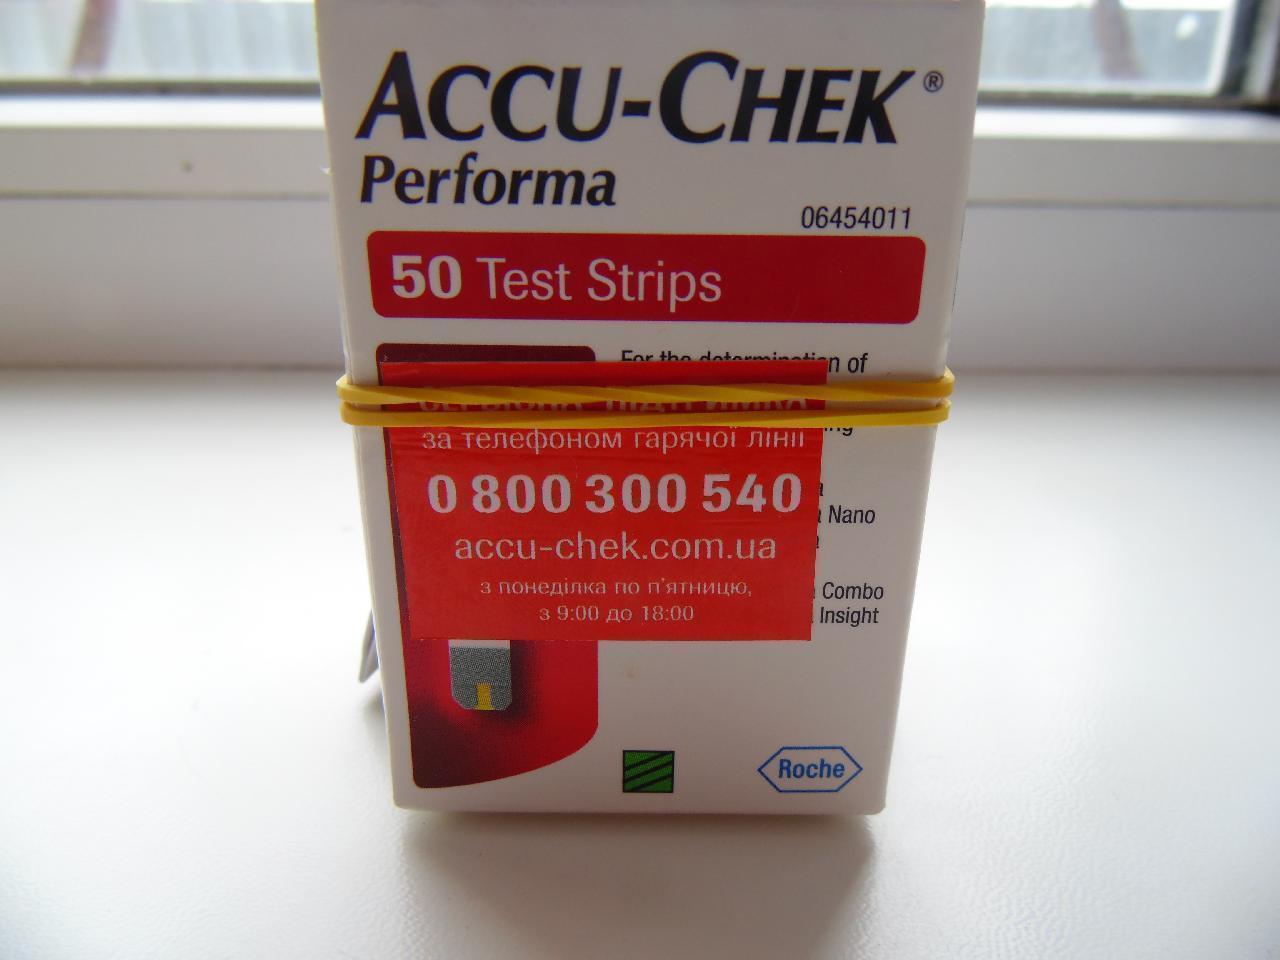 8 упаковок-Оригинал.Accu Chek Performa Тест полоски Акку чек перформа (50 шт) 30.07.2021.